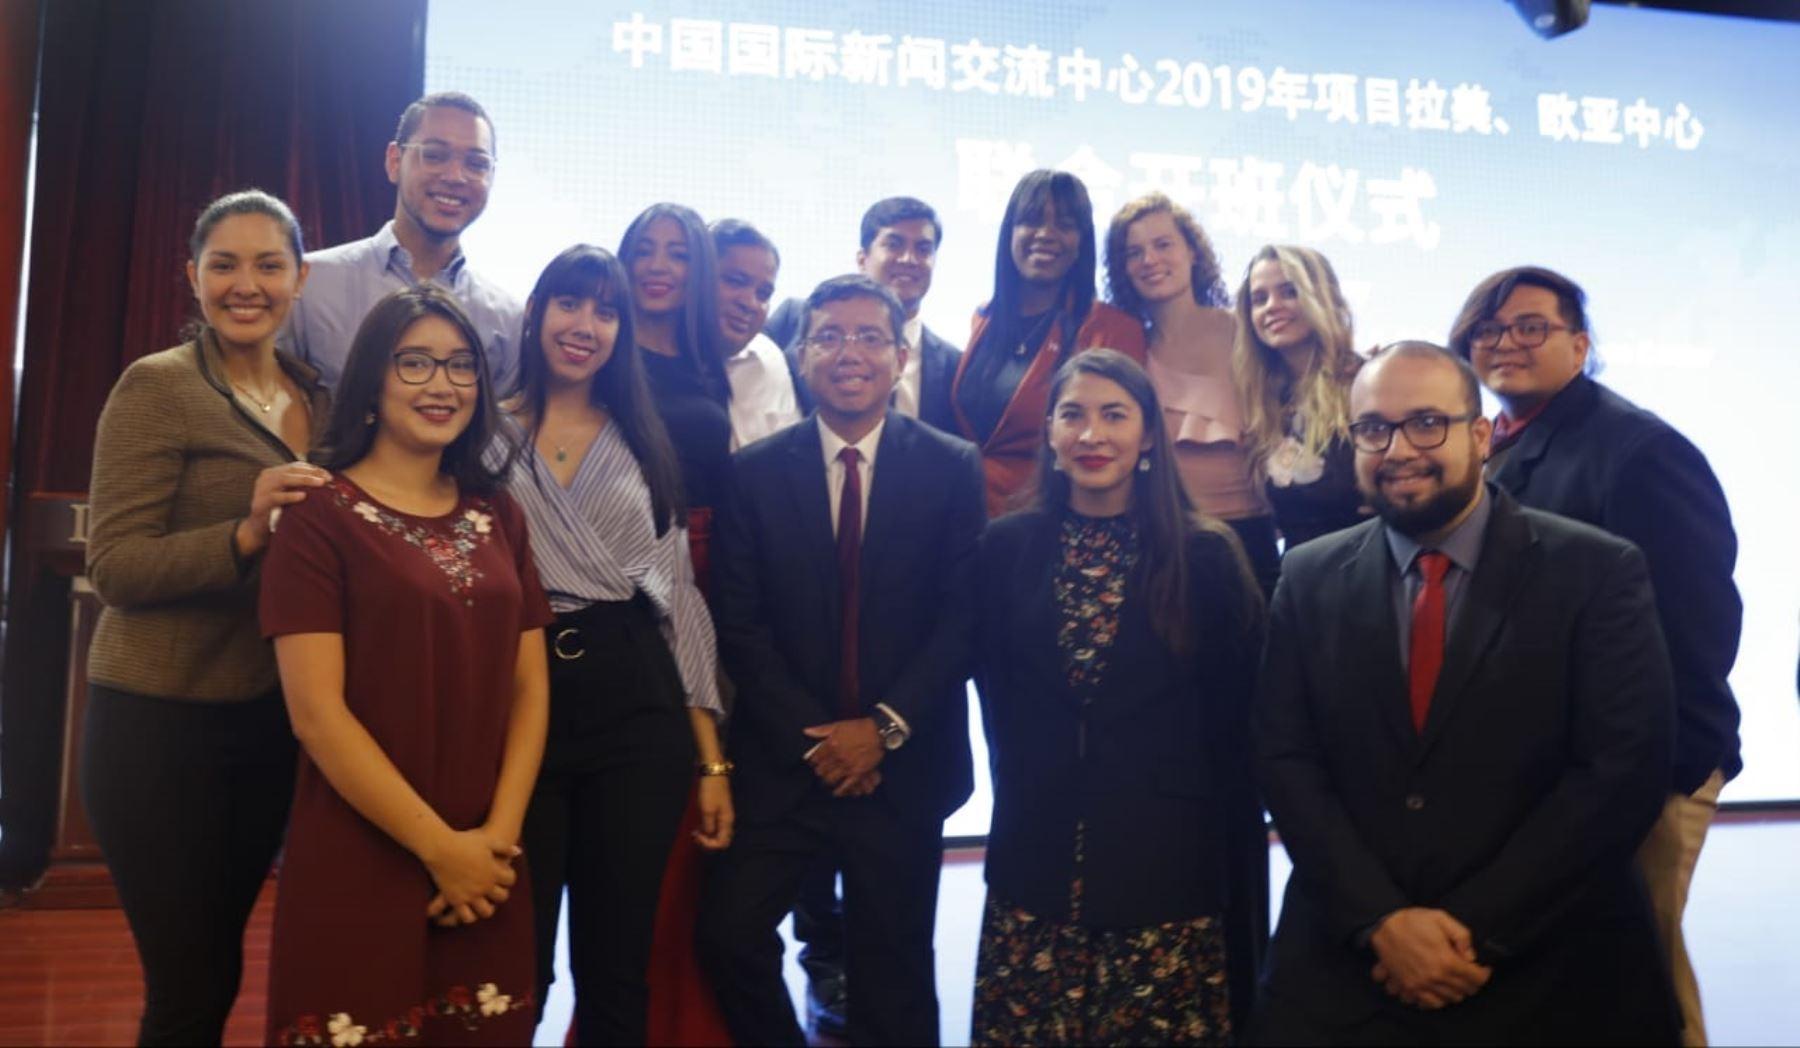 Periodistas participantes del Centro de Prensa China - América Latina y el Caribe, edición 2019.